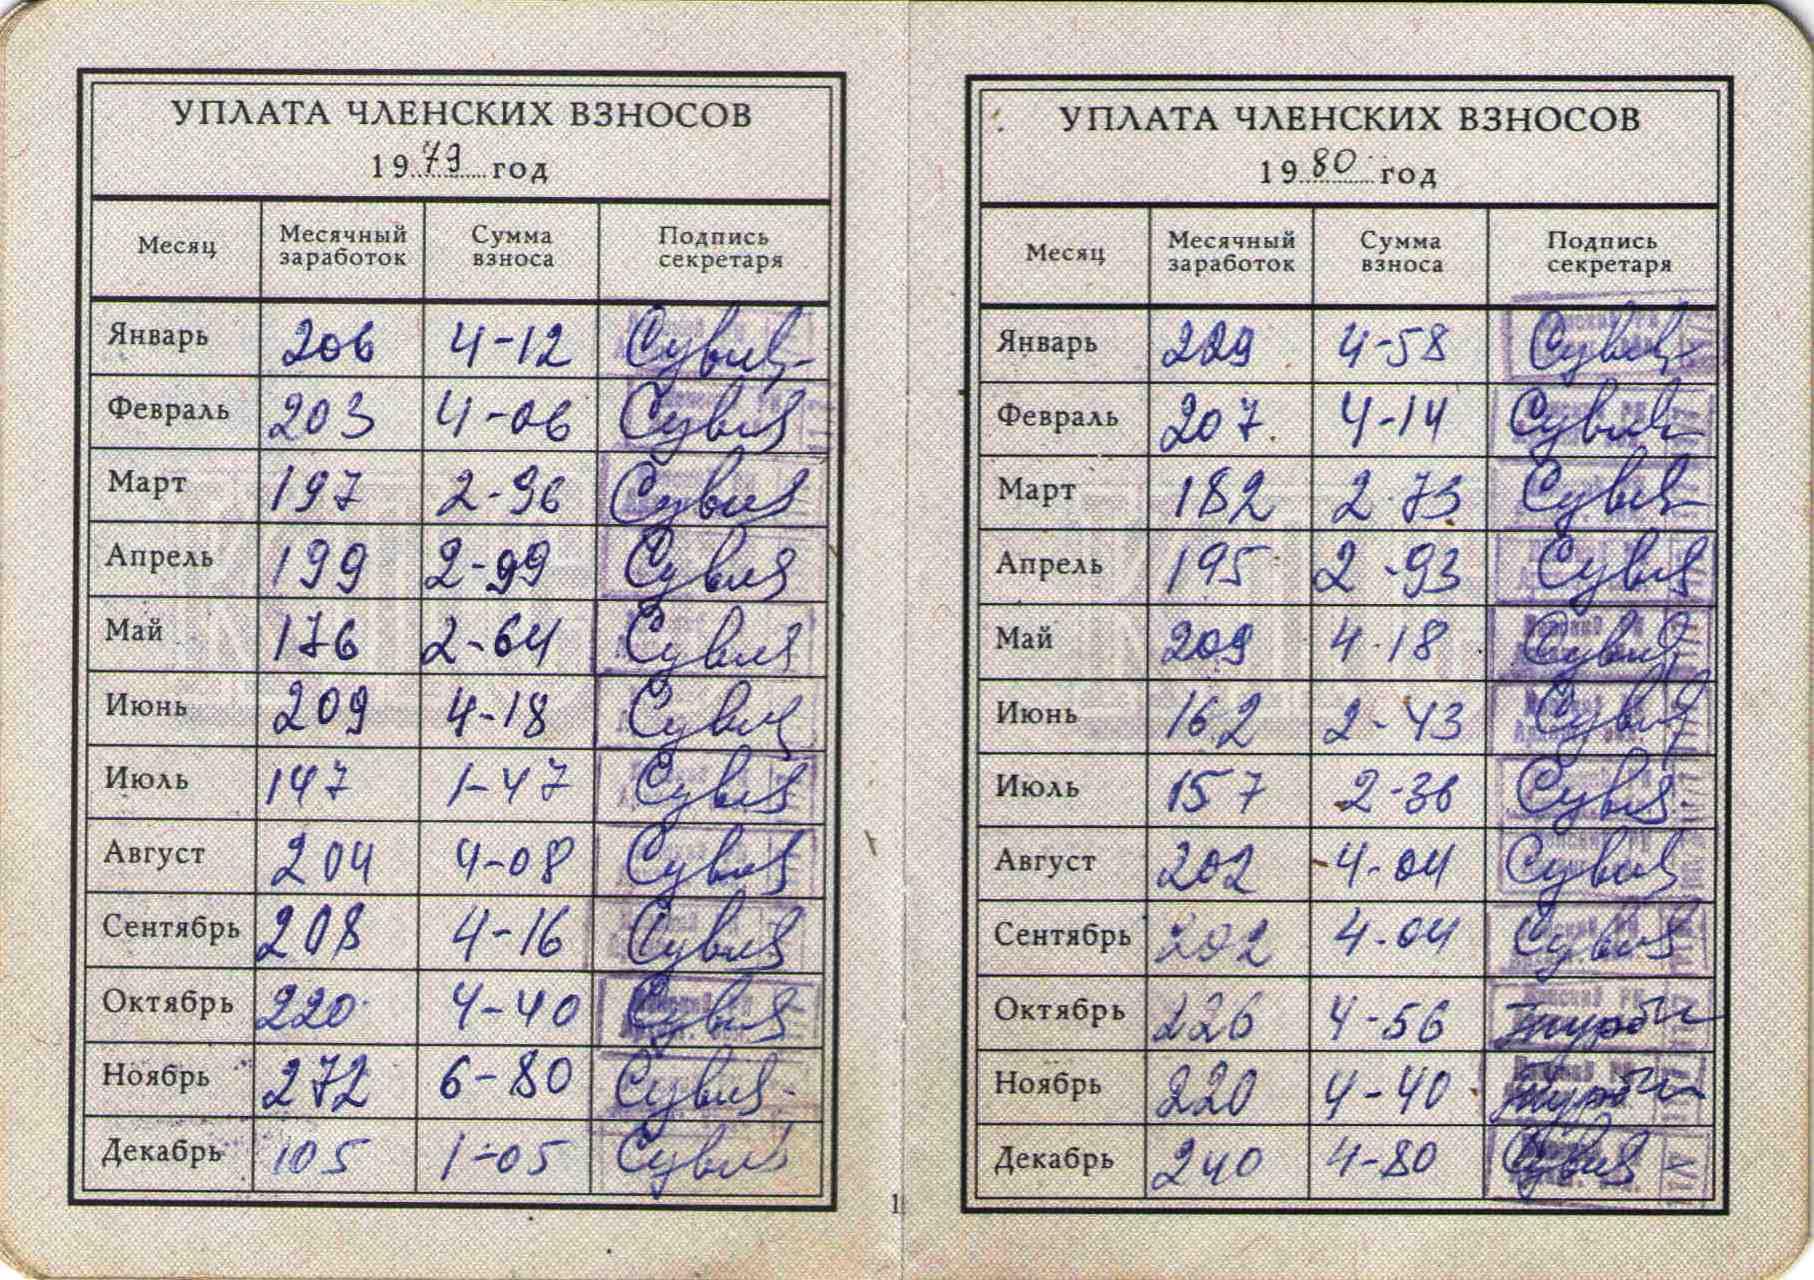 70. Партийный билет Барыкина ПП, 1974